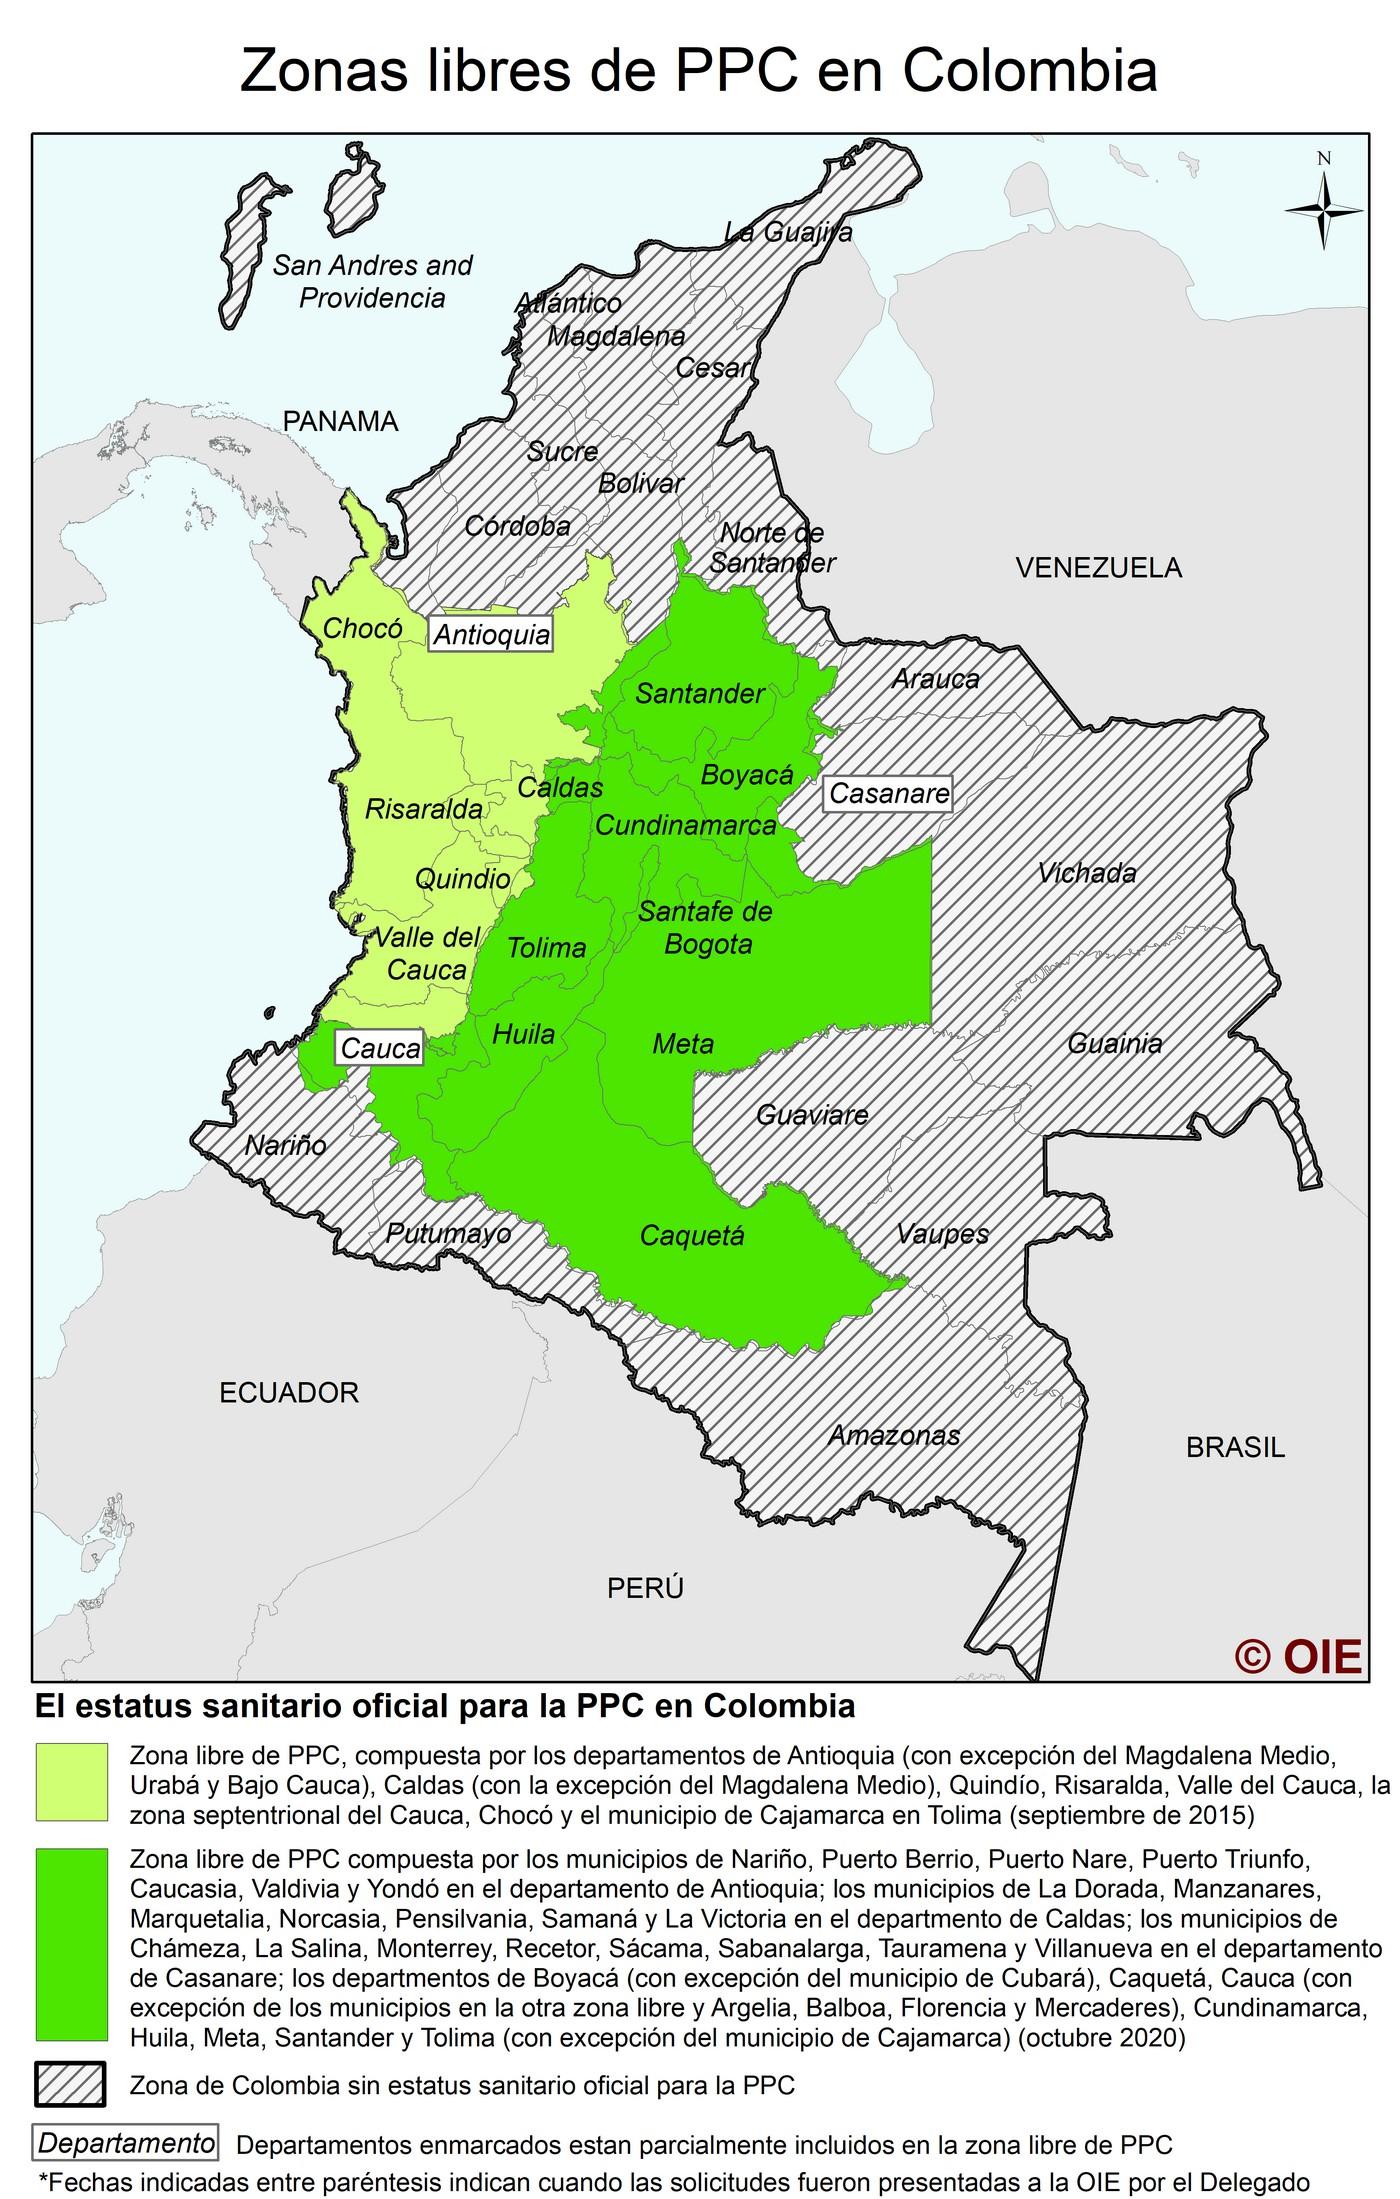 Colombia - OIE certifica nueva zona libre de PPC - Image 1